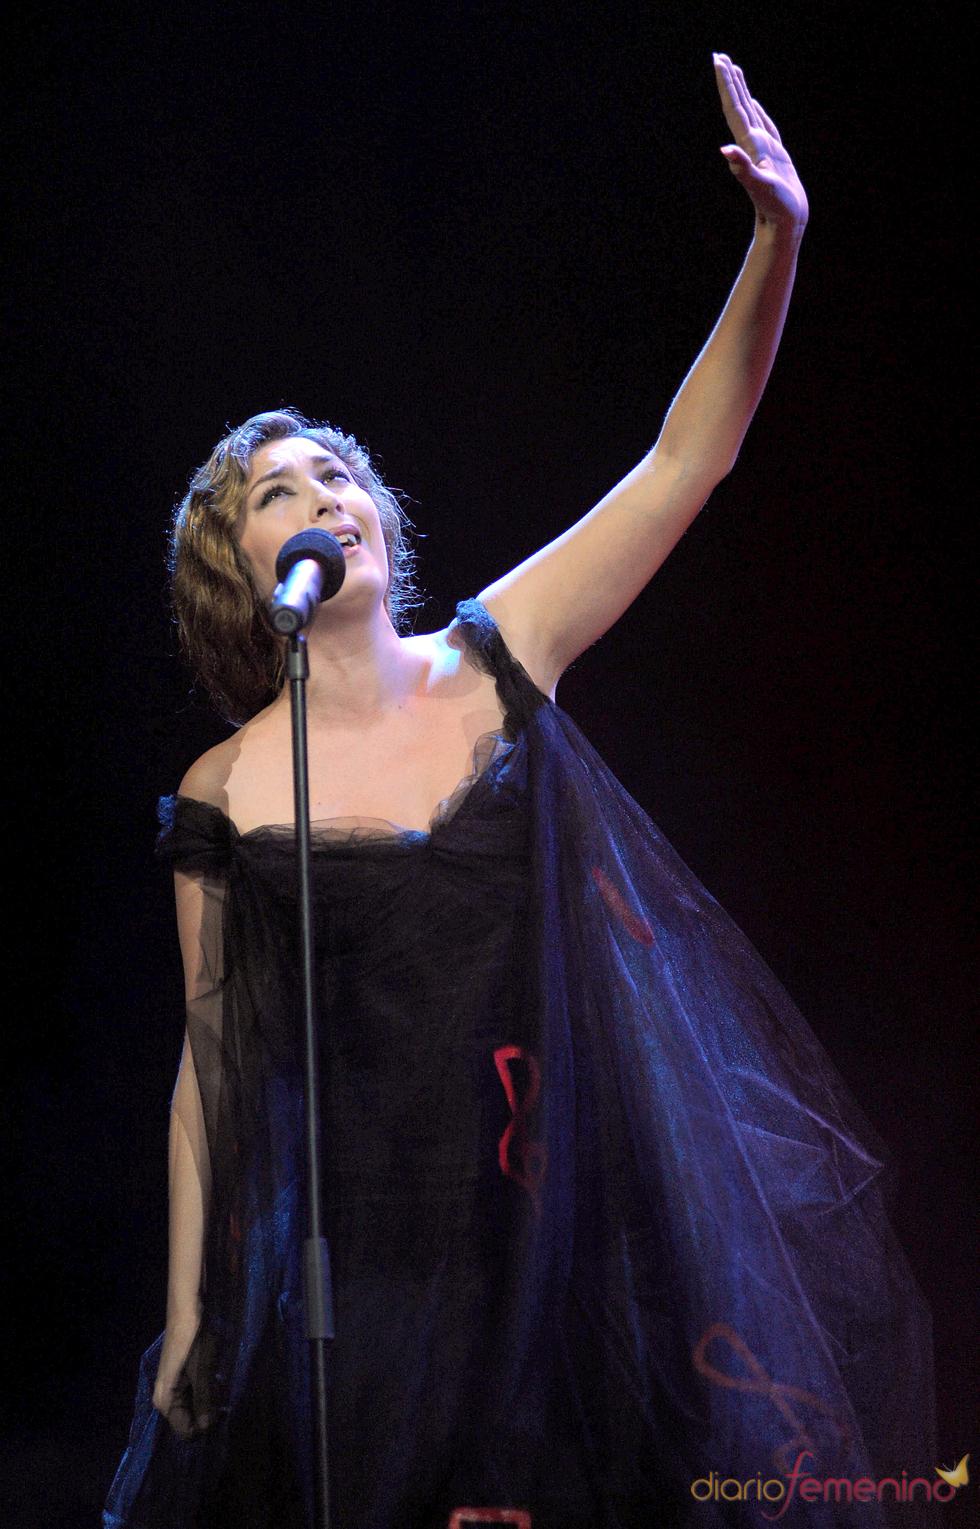 Estrella Morente canta durante la gala de los Premios de la Música 2011